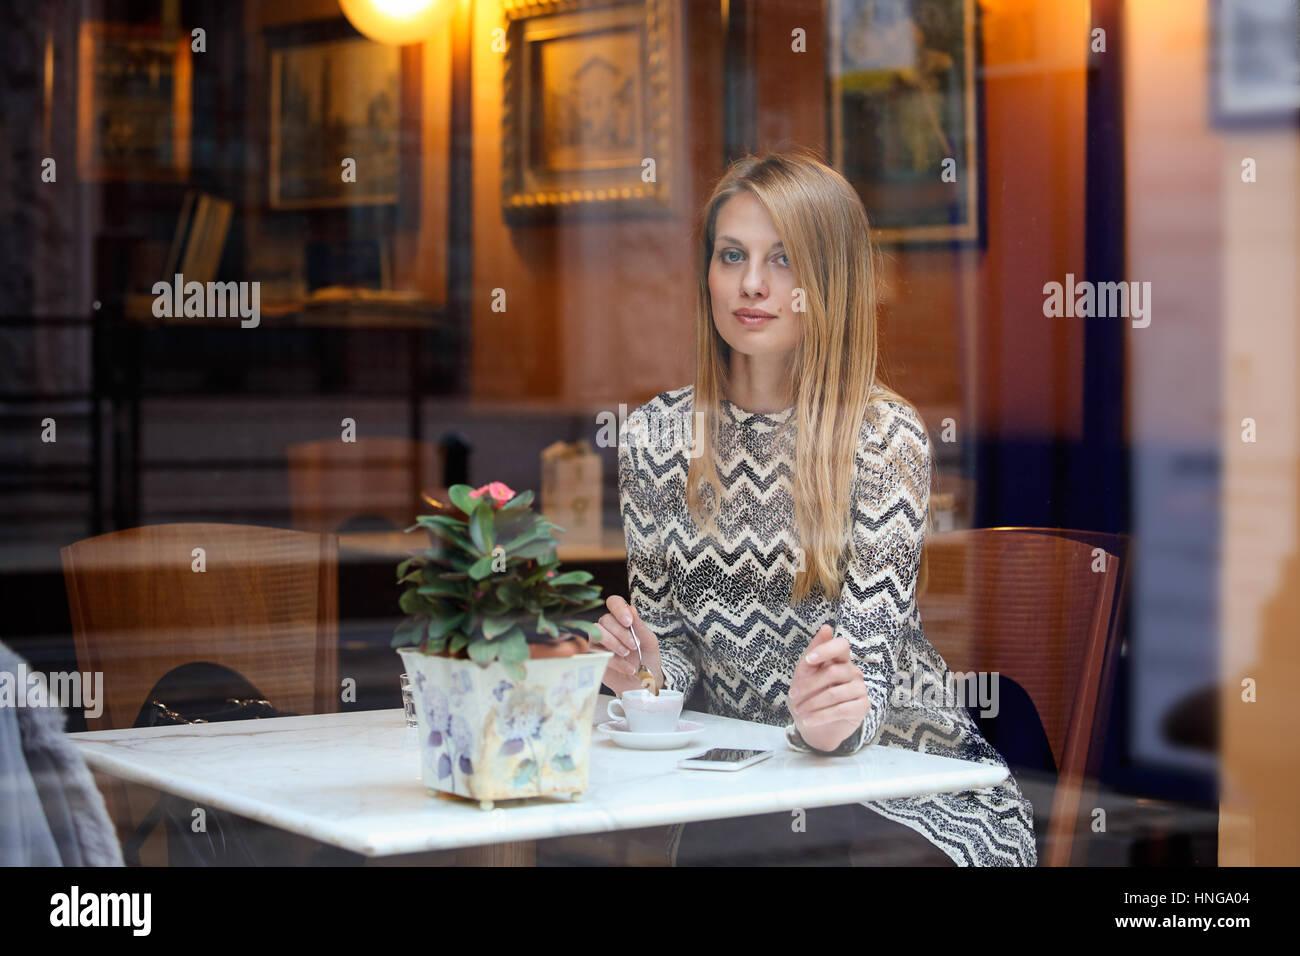 Belle femme élégante dans un élégant café de la ville. La vie urbaine Photo Stock